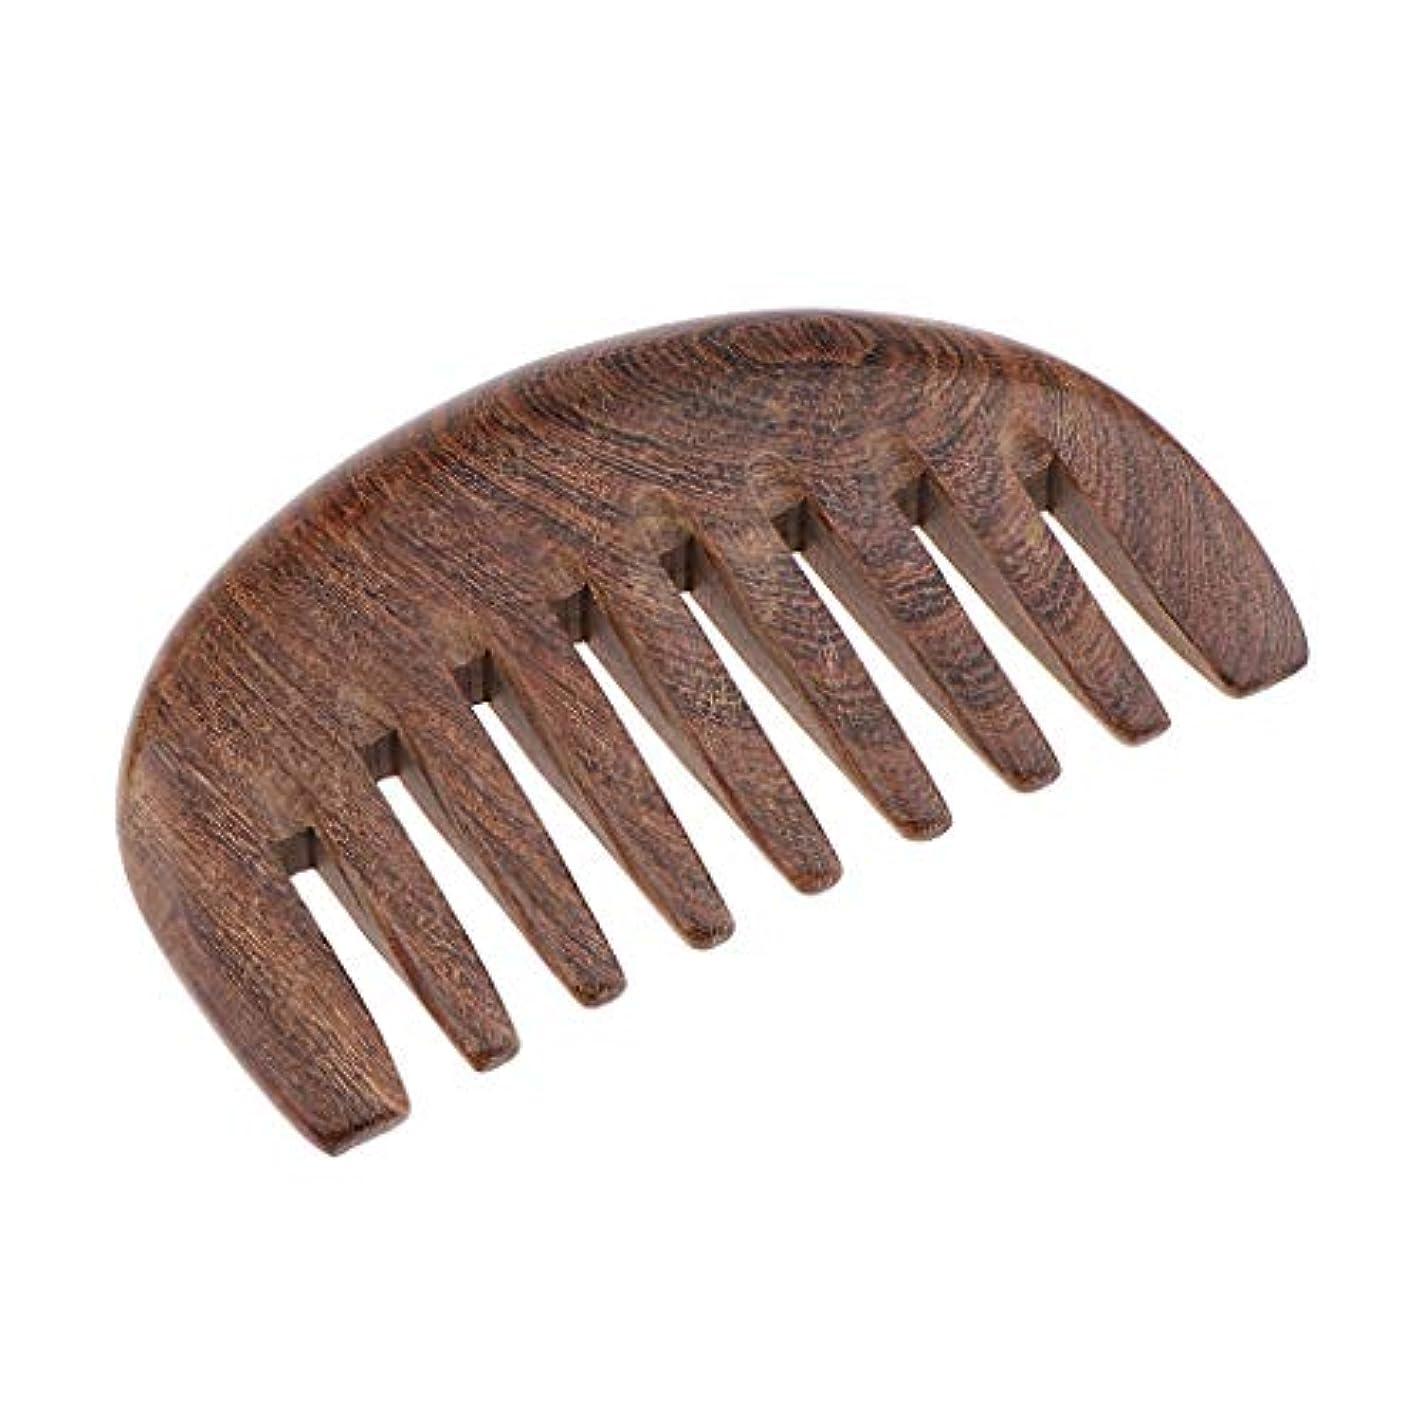 生き物国勢調査読みやすさ木製櫛 ヘアブラシ 帯電防止櫛 人間工学 3色選べ - クロロフォラ